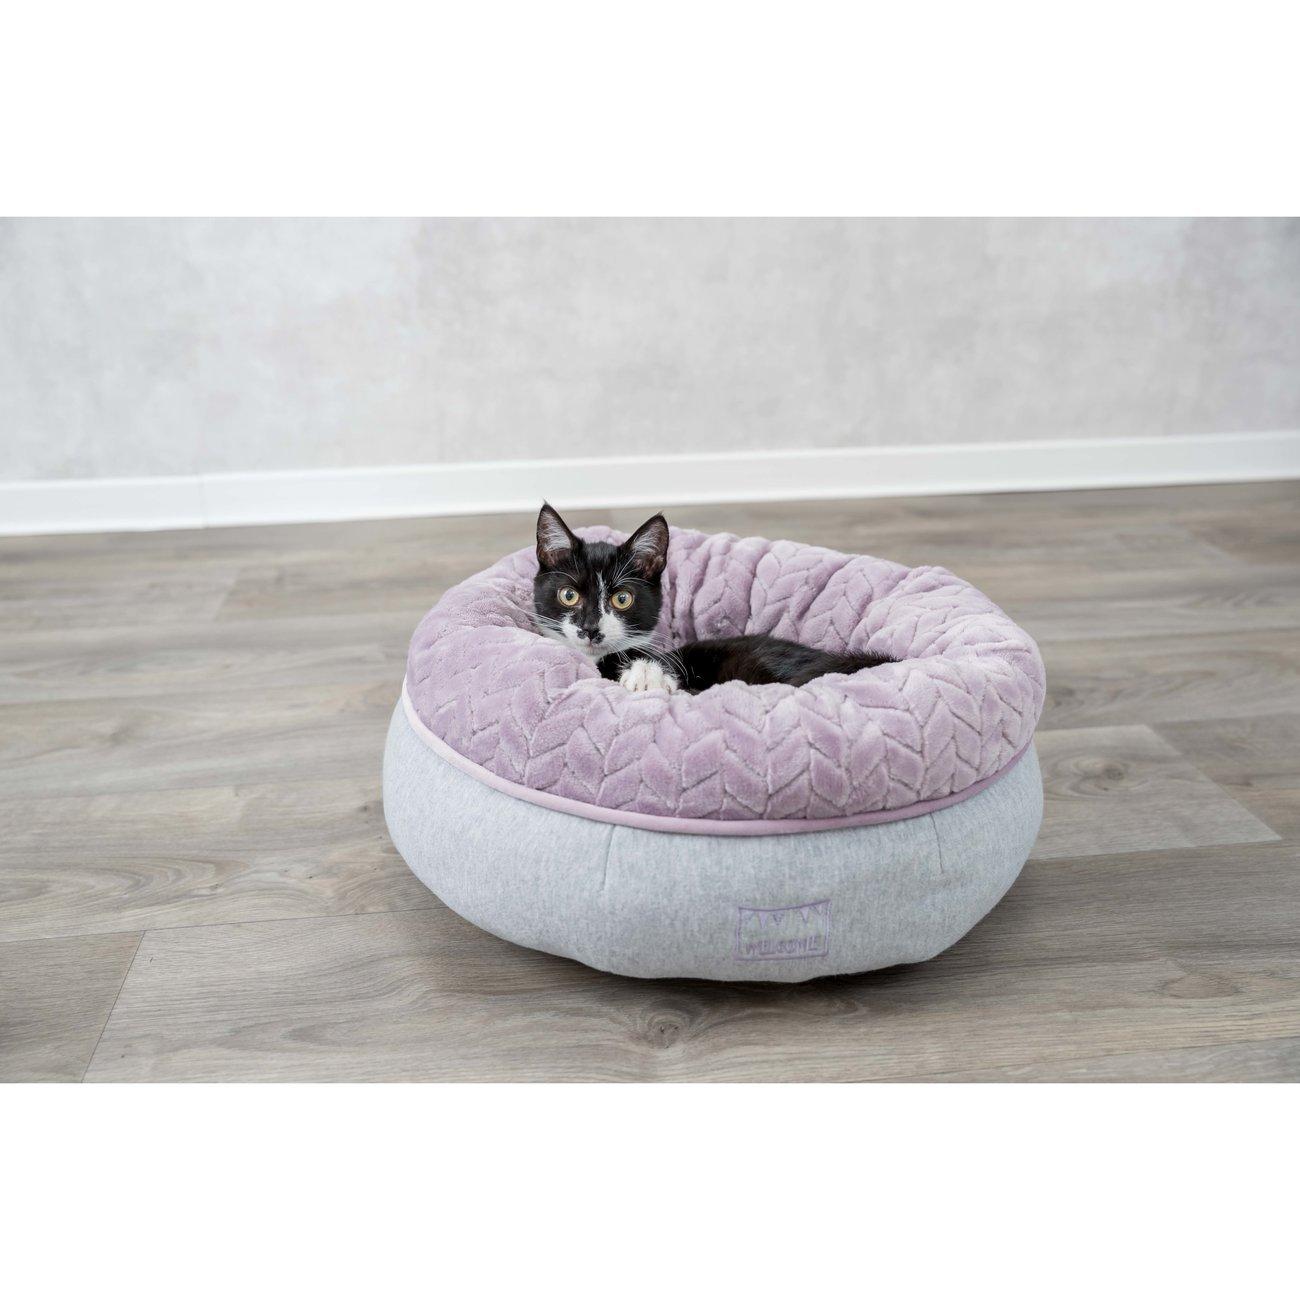 TRIXIE Junior Bett aus Plüsch für Welpen rund 38251, Bild 3